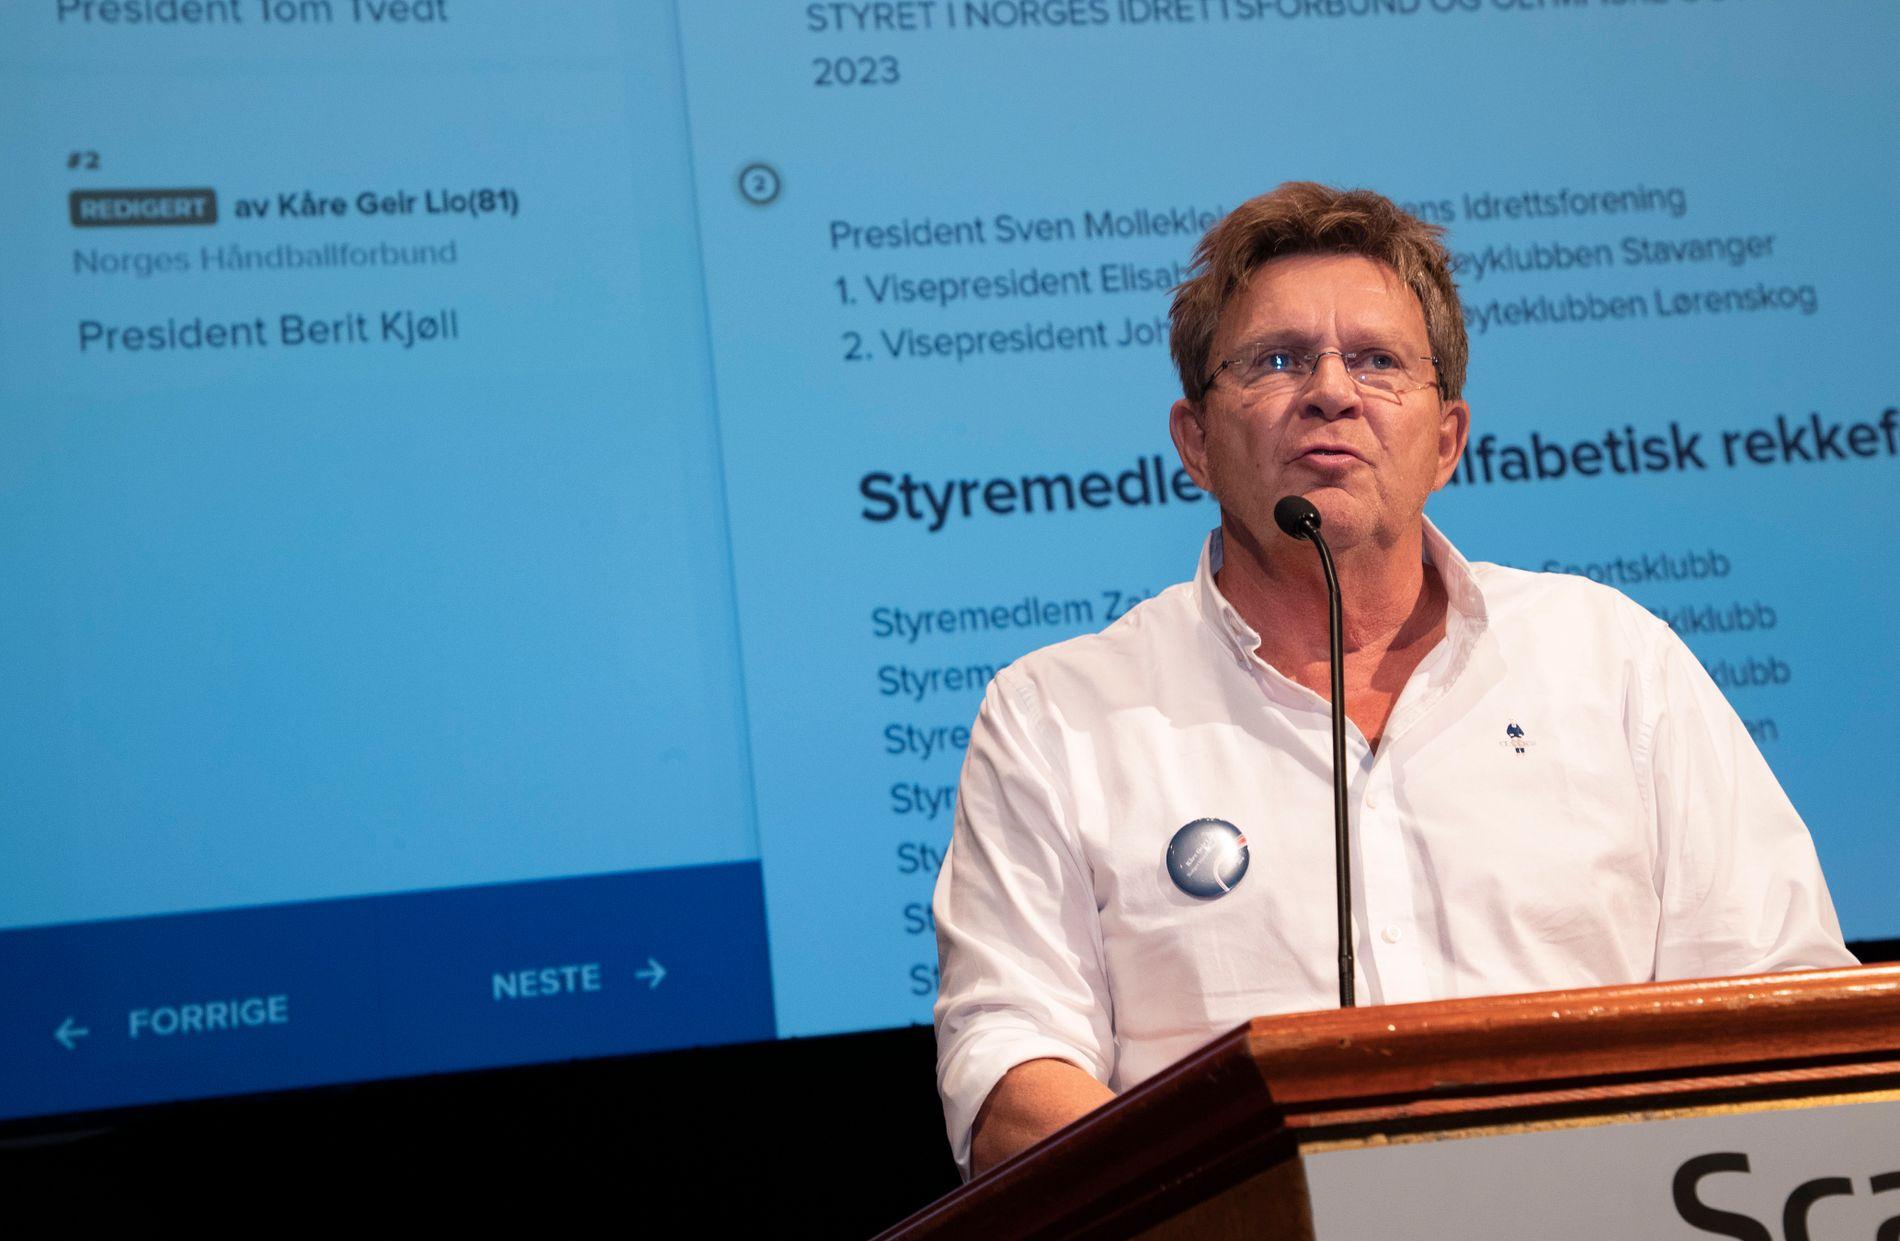 STØTTESPILLER: Håndballpresident Kåre Geir Lio taler til Idrettstinget på Lillehammer forrige helg.